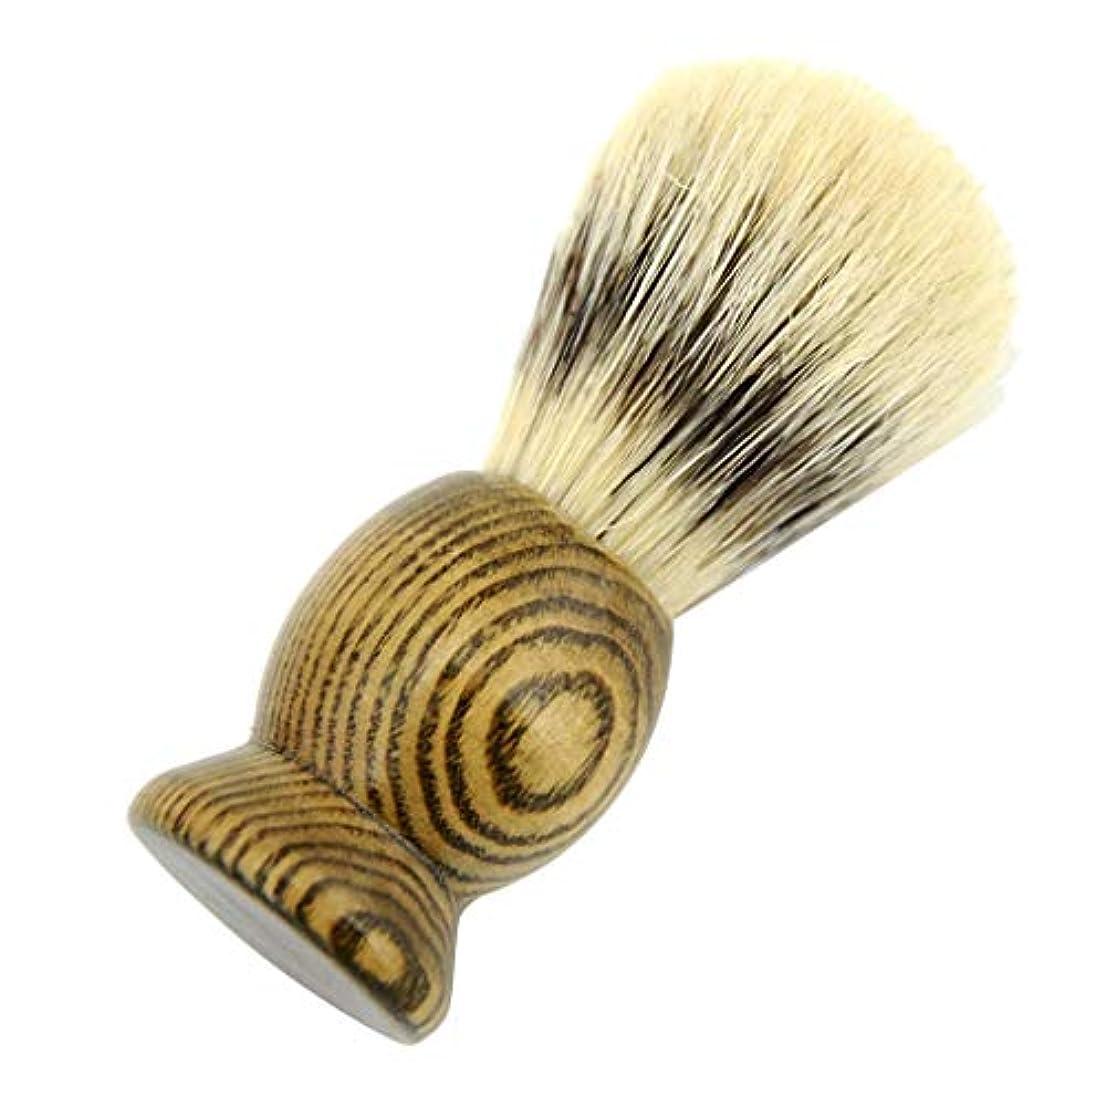 納税者落胆するカカドゥsharprepublic ひげブラシ メンズ シェービングブラシ 髭剃り 理容 洗顔 ポータブルひげ剃り美容ツール